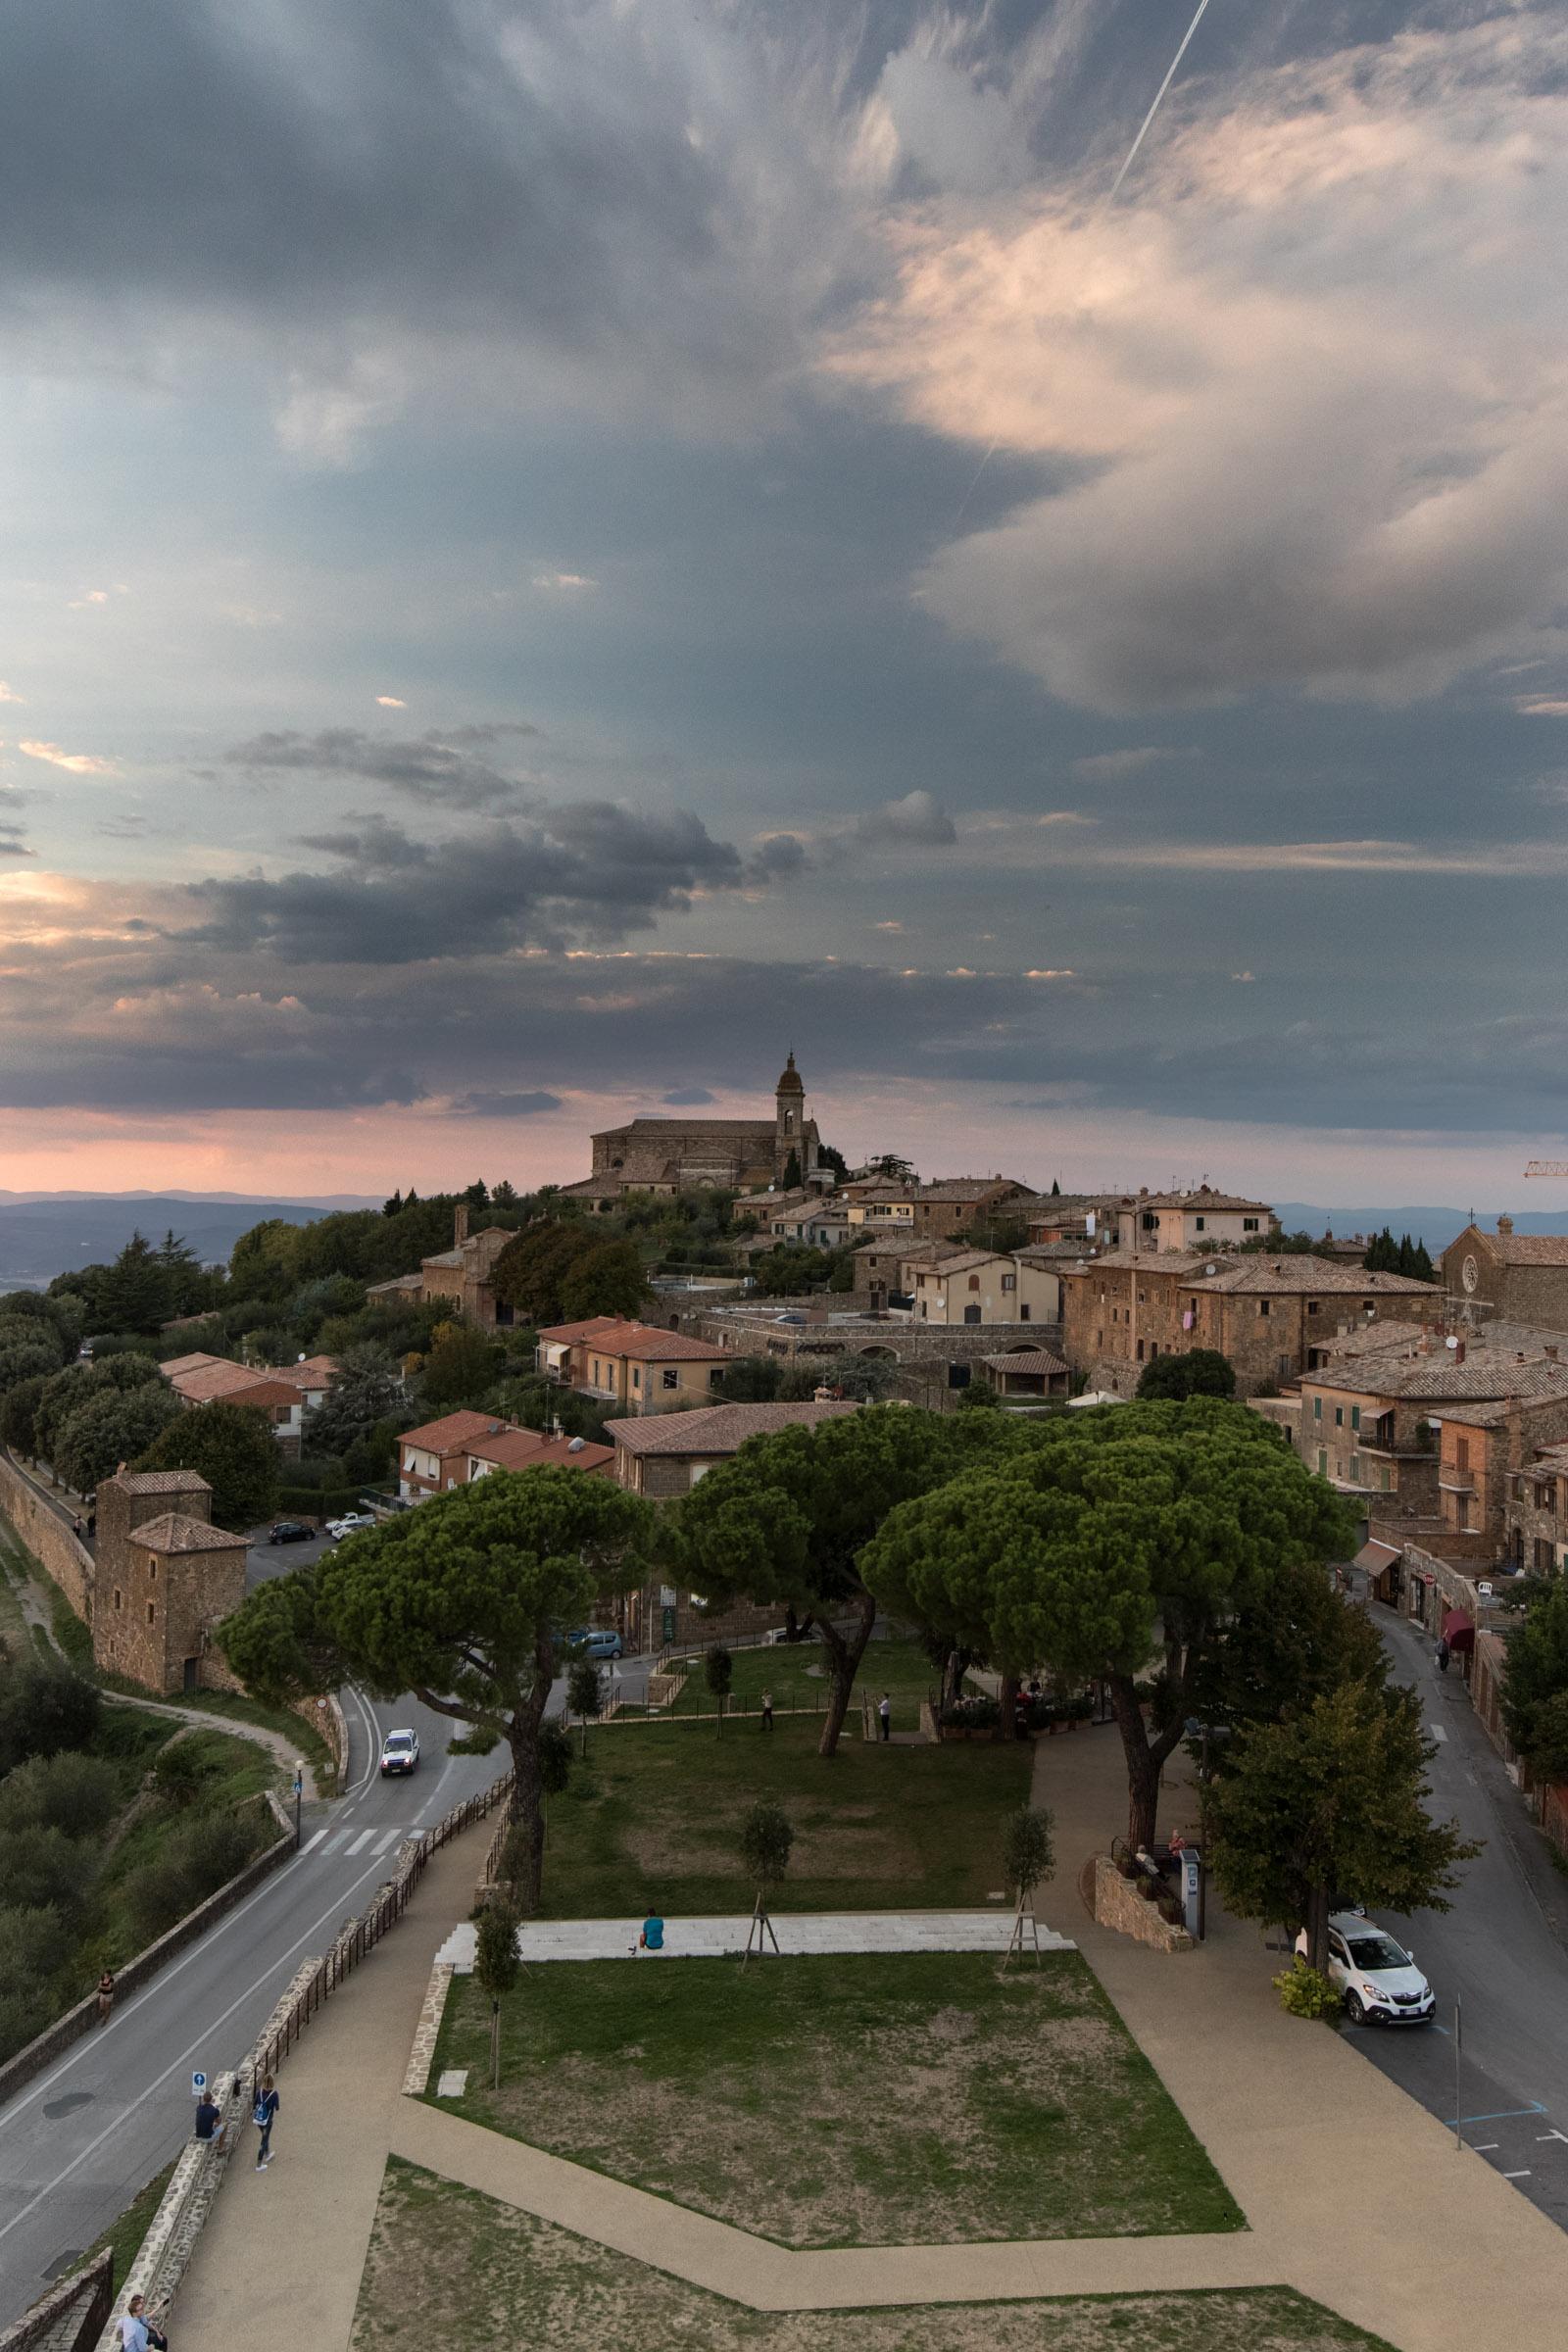 Montalcino, Tuscany, Italy | Reid Burchell Photography